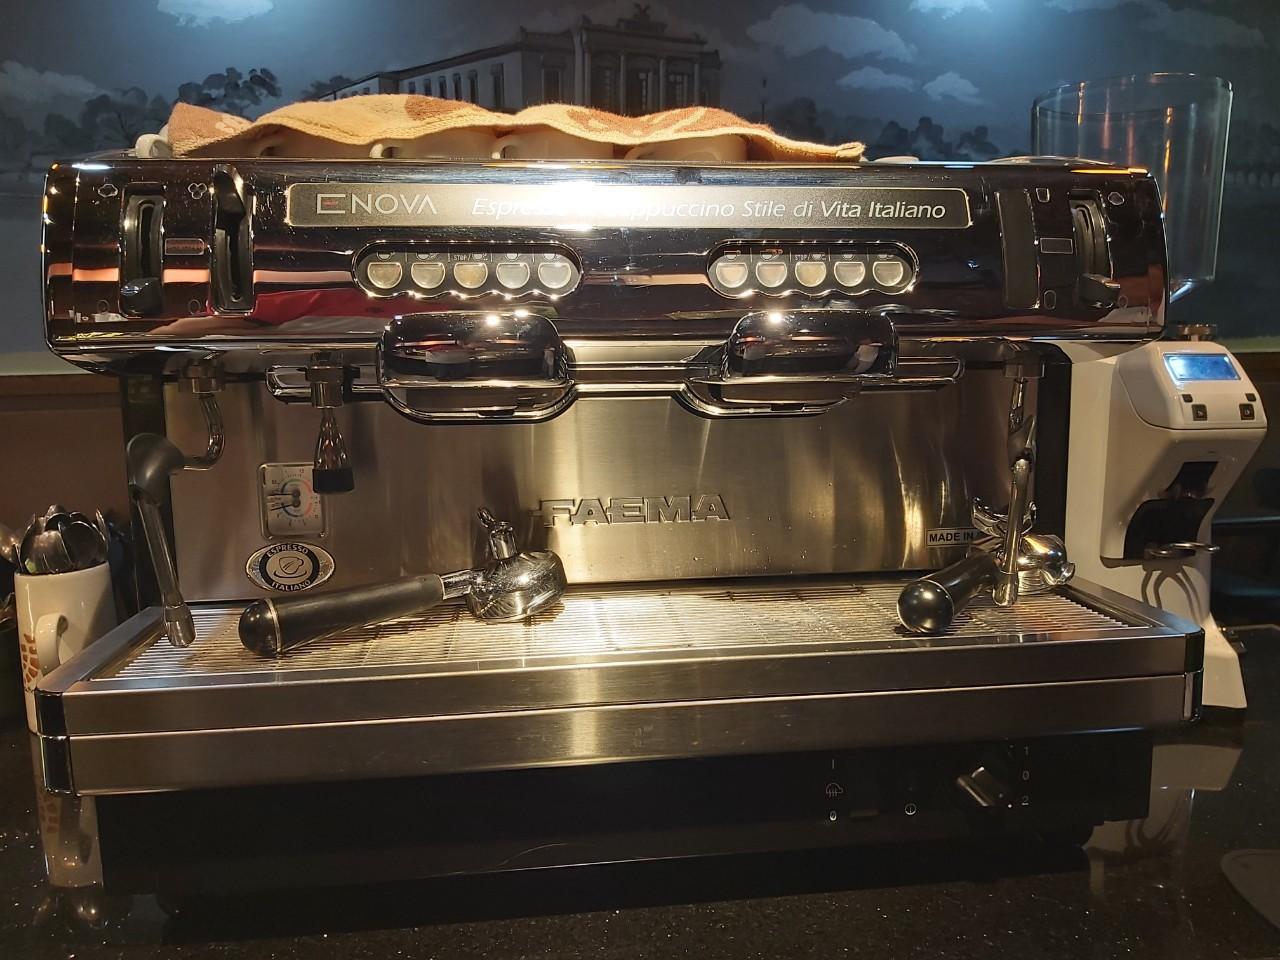 Thanh lý máy pha cà phê FAEMA ENOVA 2 group chuyên nghiệp mới 95%.